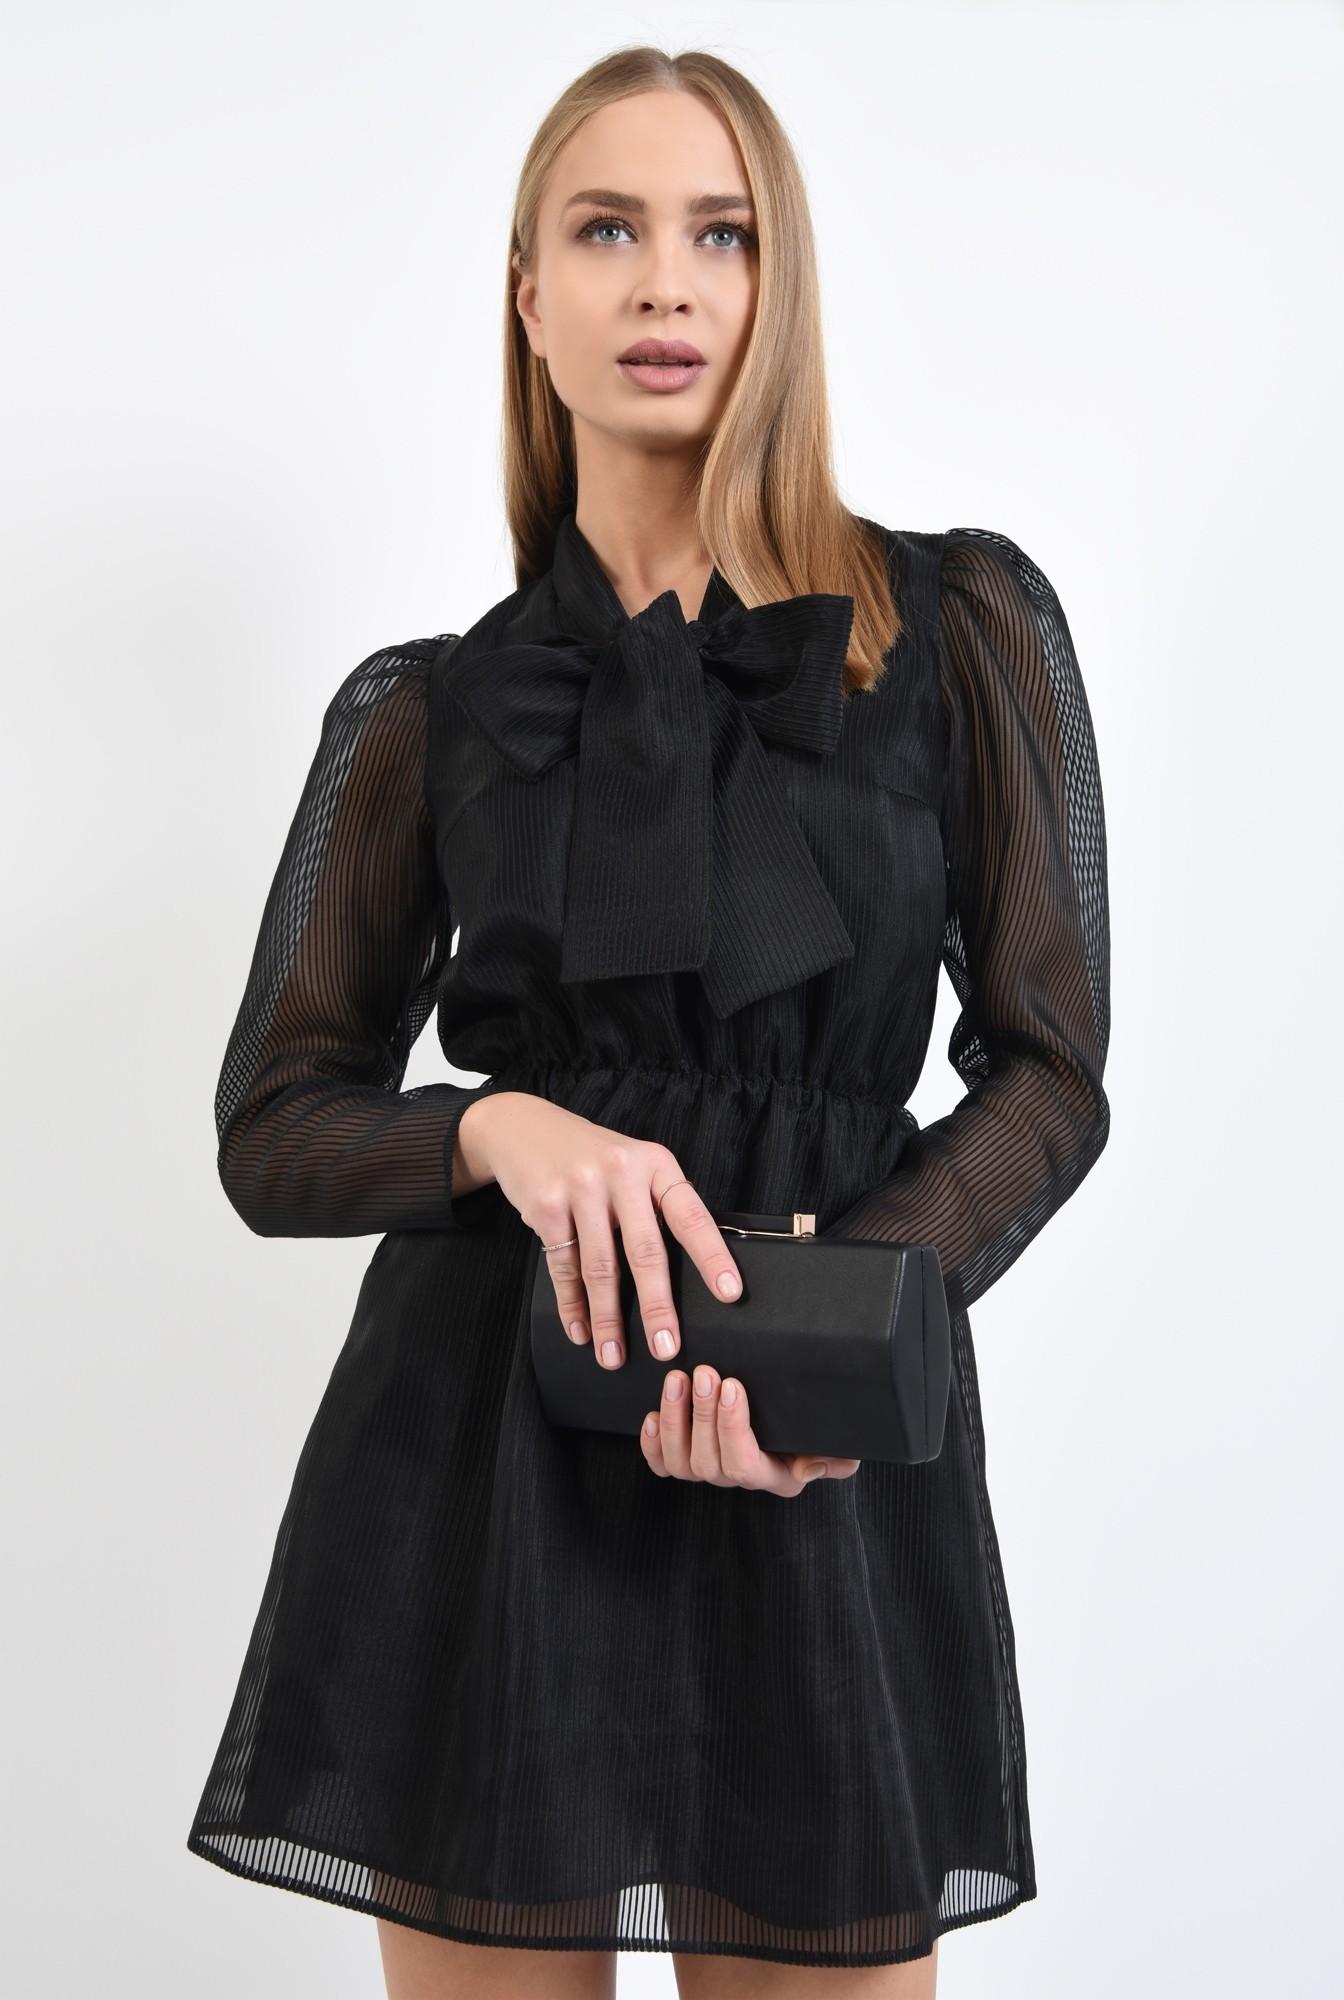 2 - 360 - rochie de seara, neagra, maneci cu cret la umar, voal tip organza